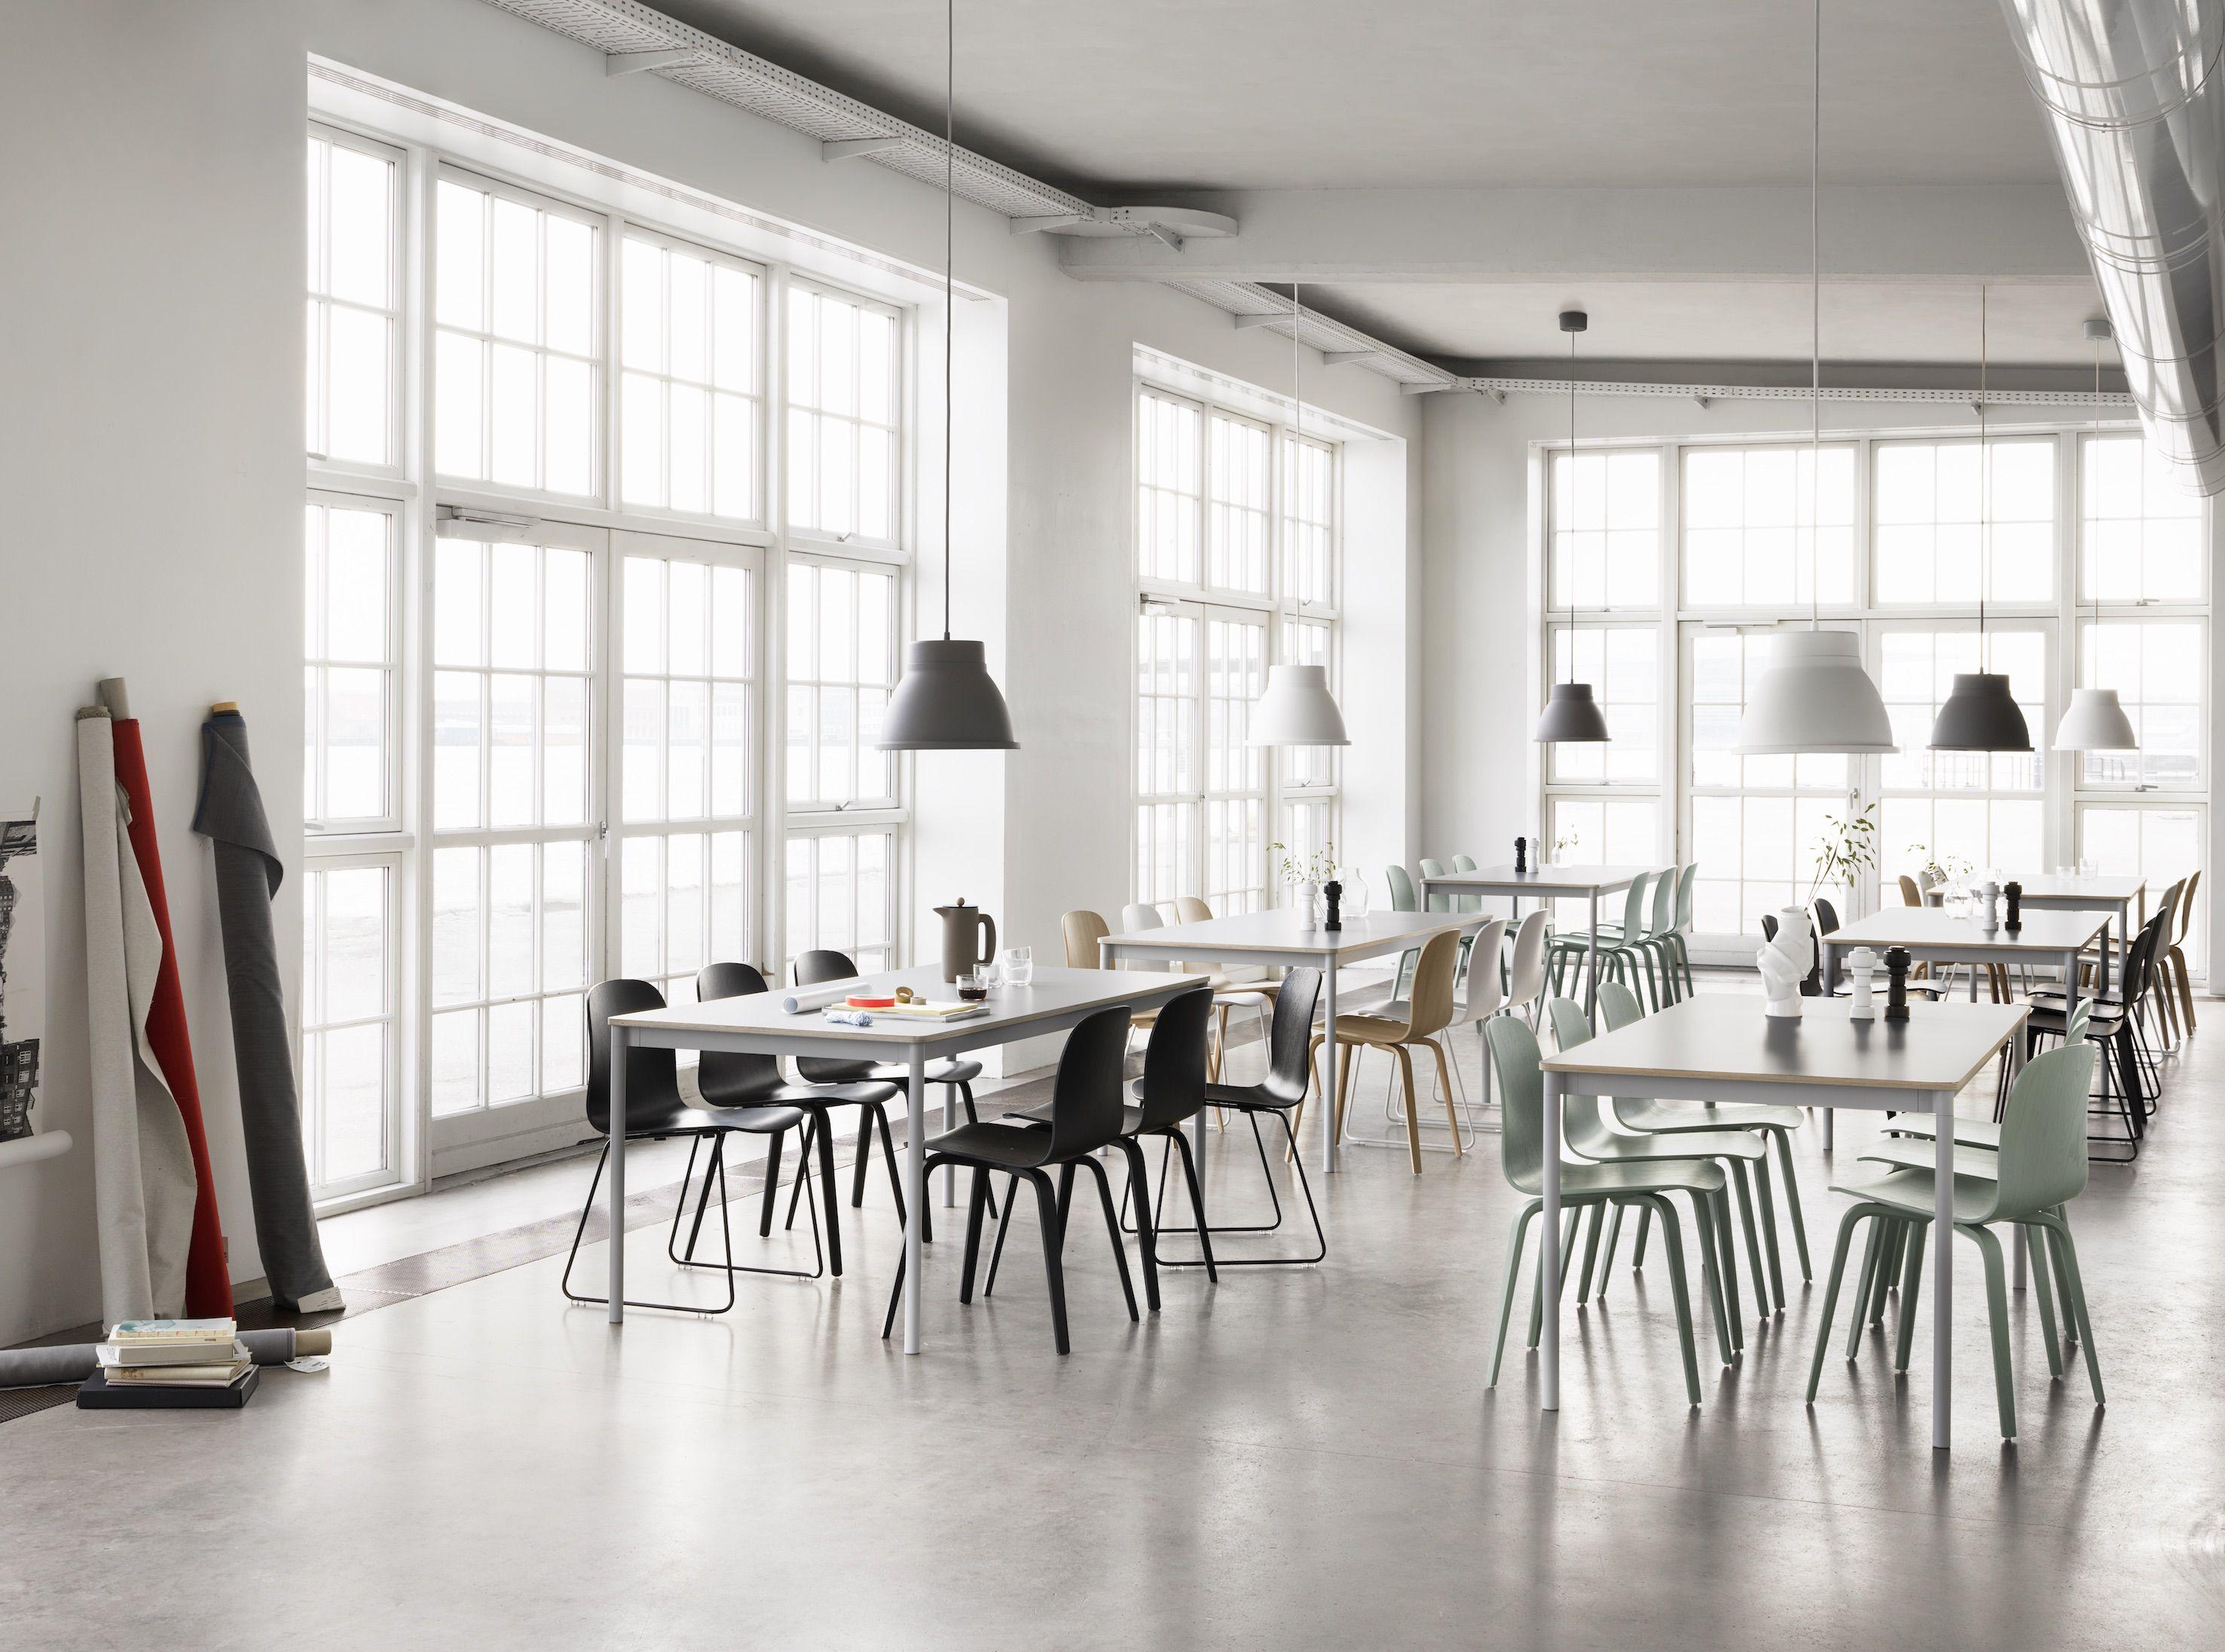 explore studio lamp lamp design and more - Linoleum Restaurant Interior